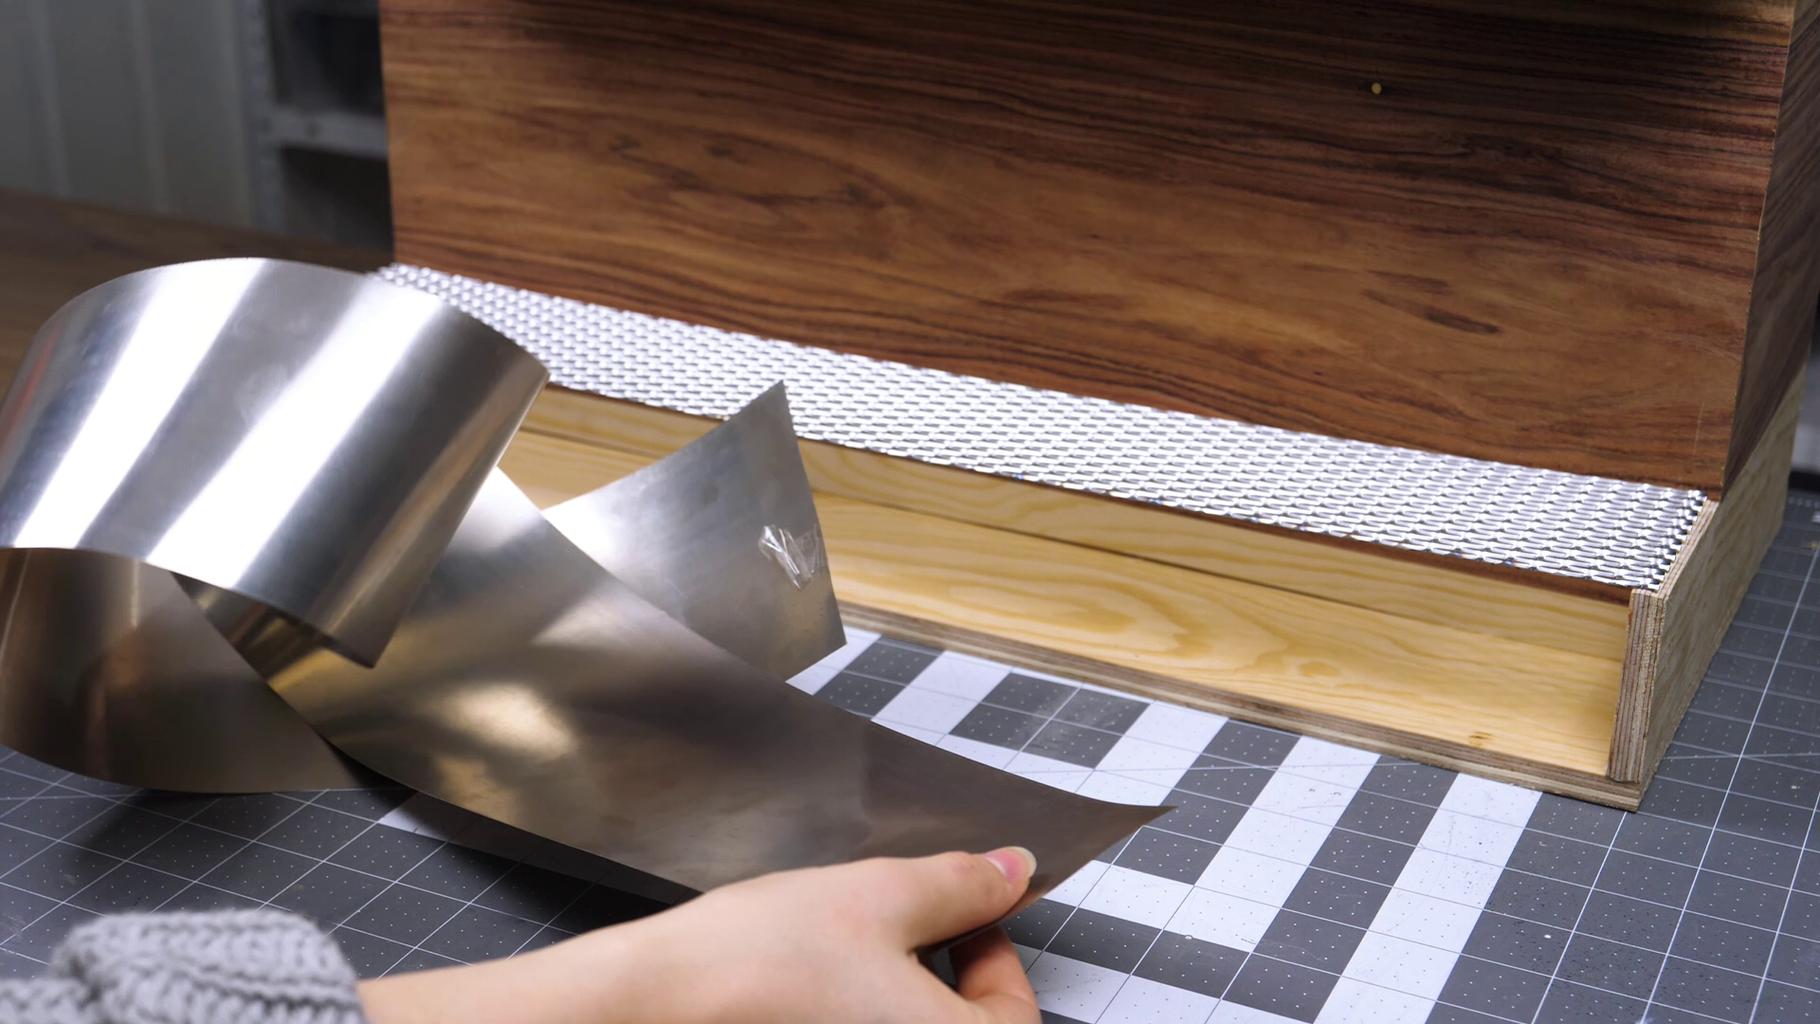 Adding Aluminum Details